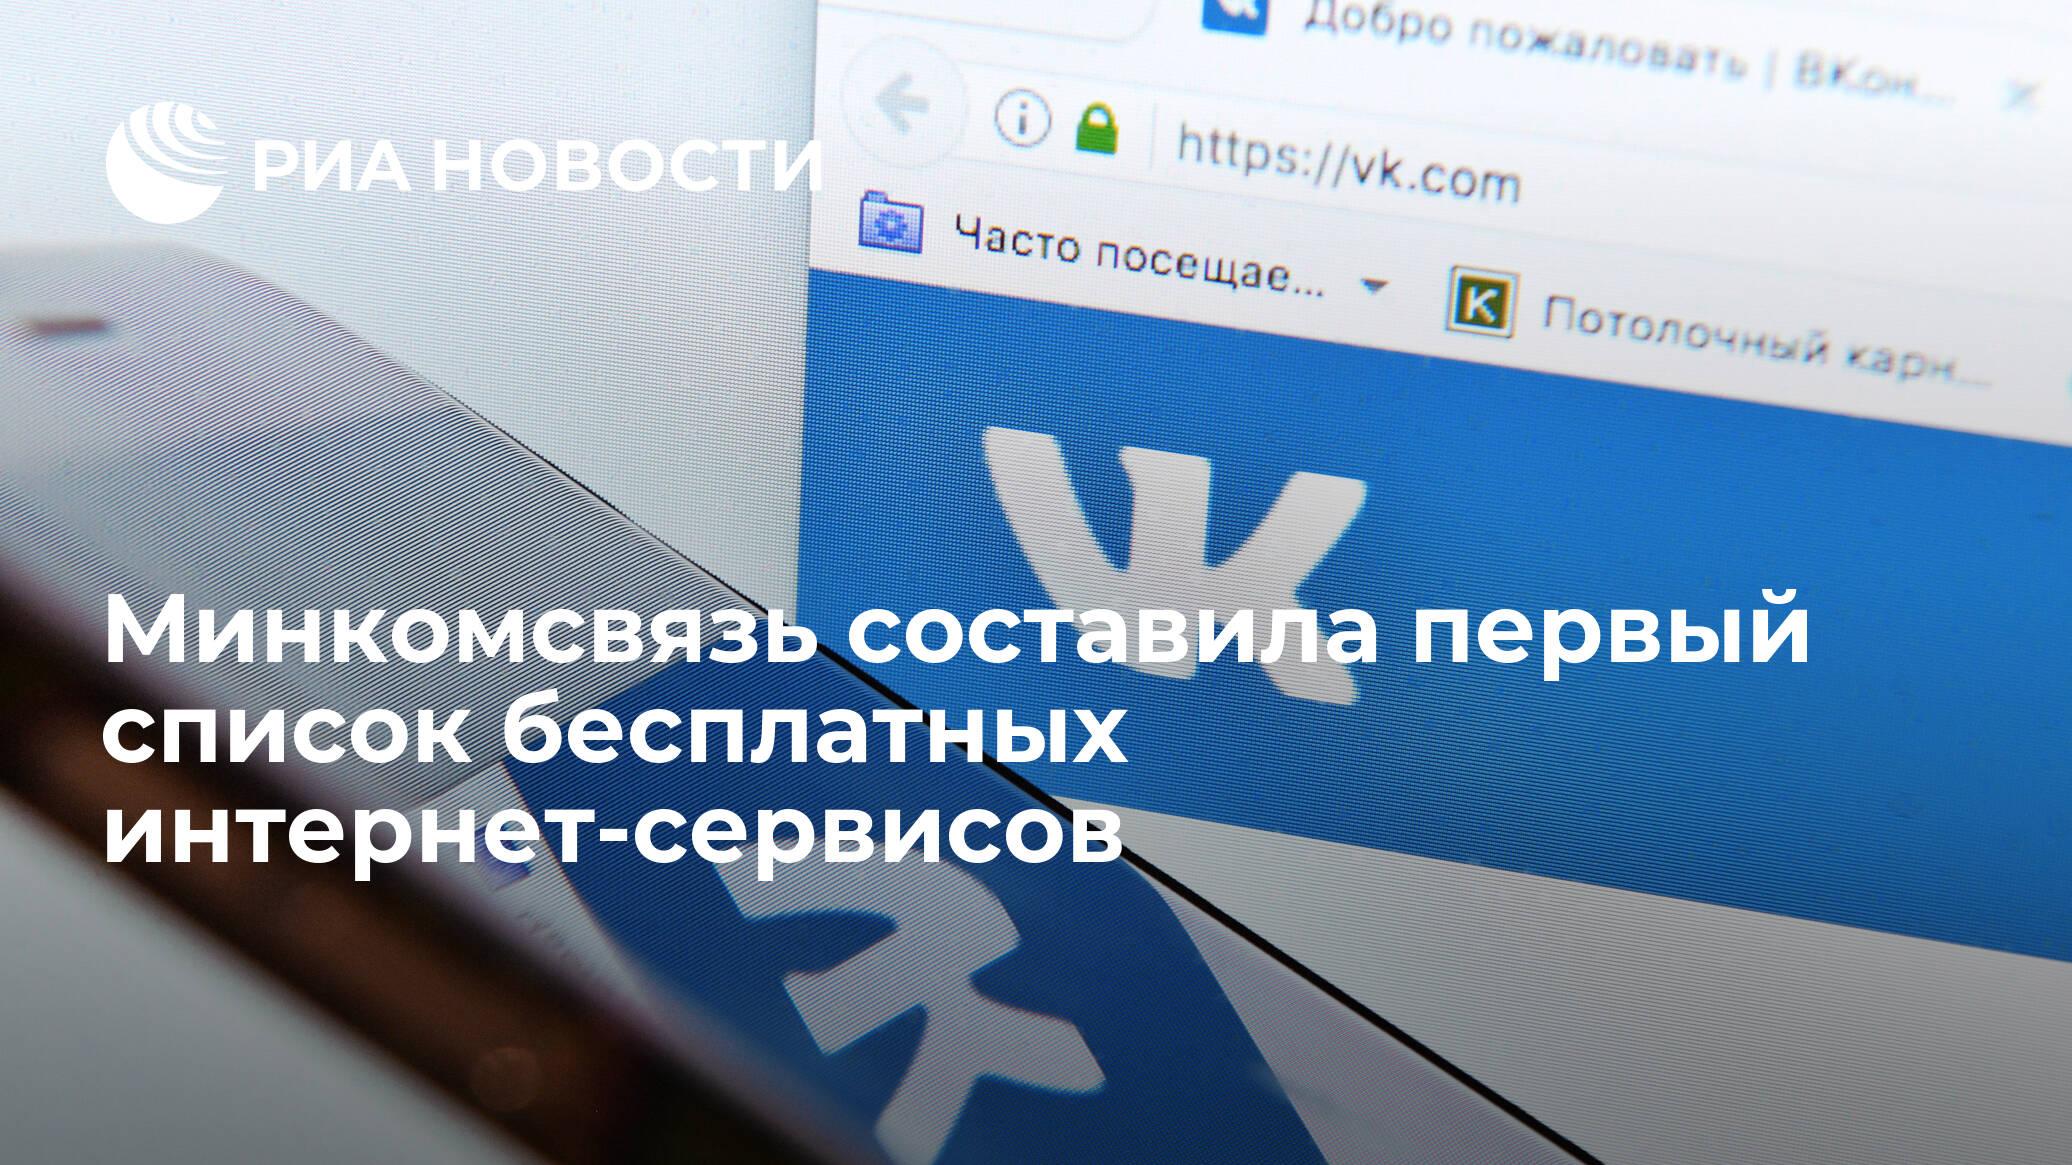 Минкомсвязь составила первый список бесплатных интернет-сервисов